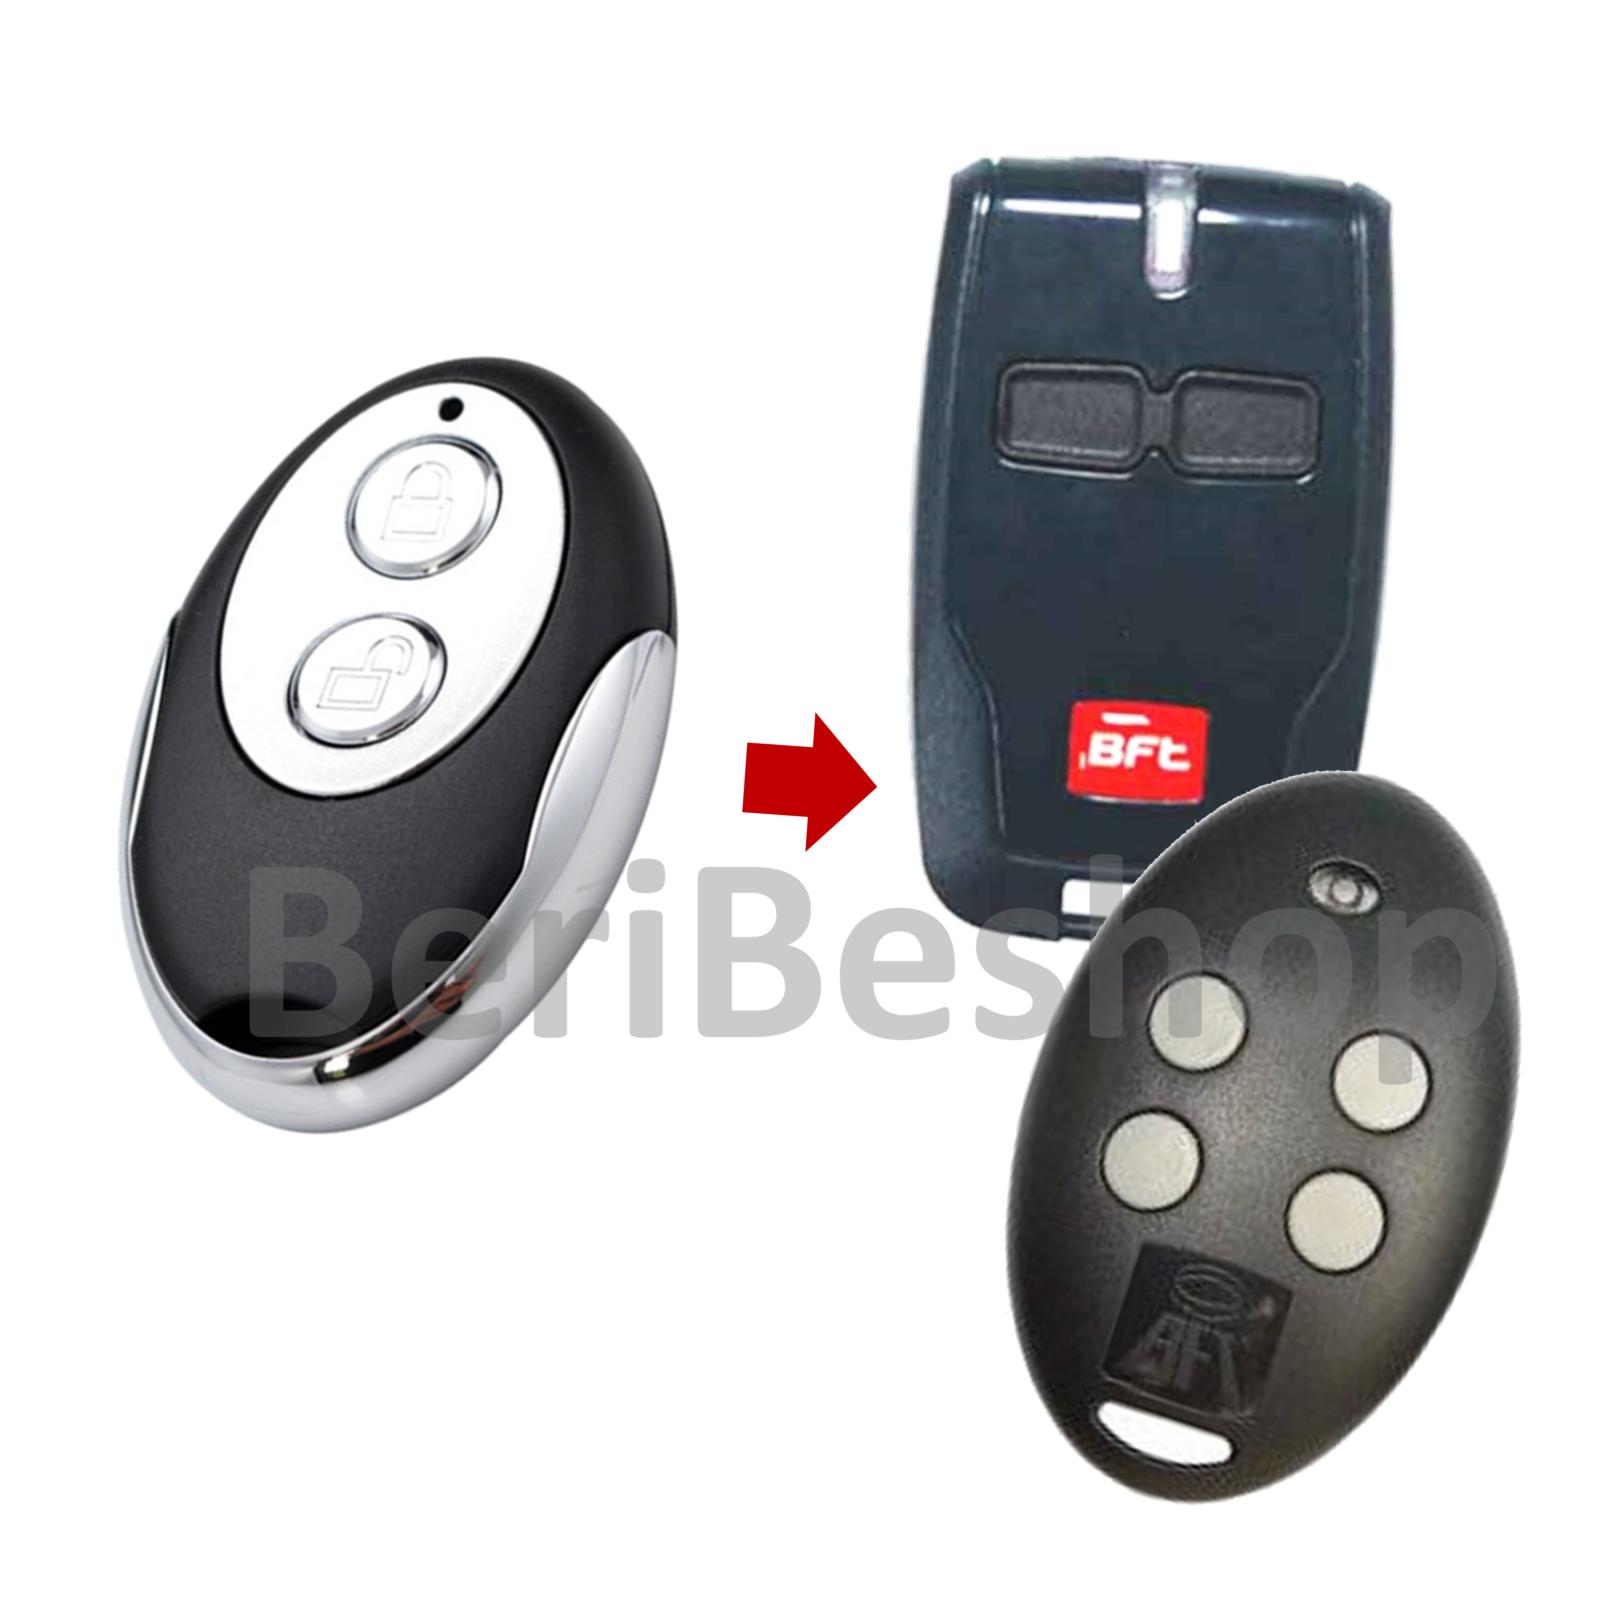 Bft Bft Mitto B Rcb Telecomando Cancello Compatibile